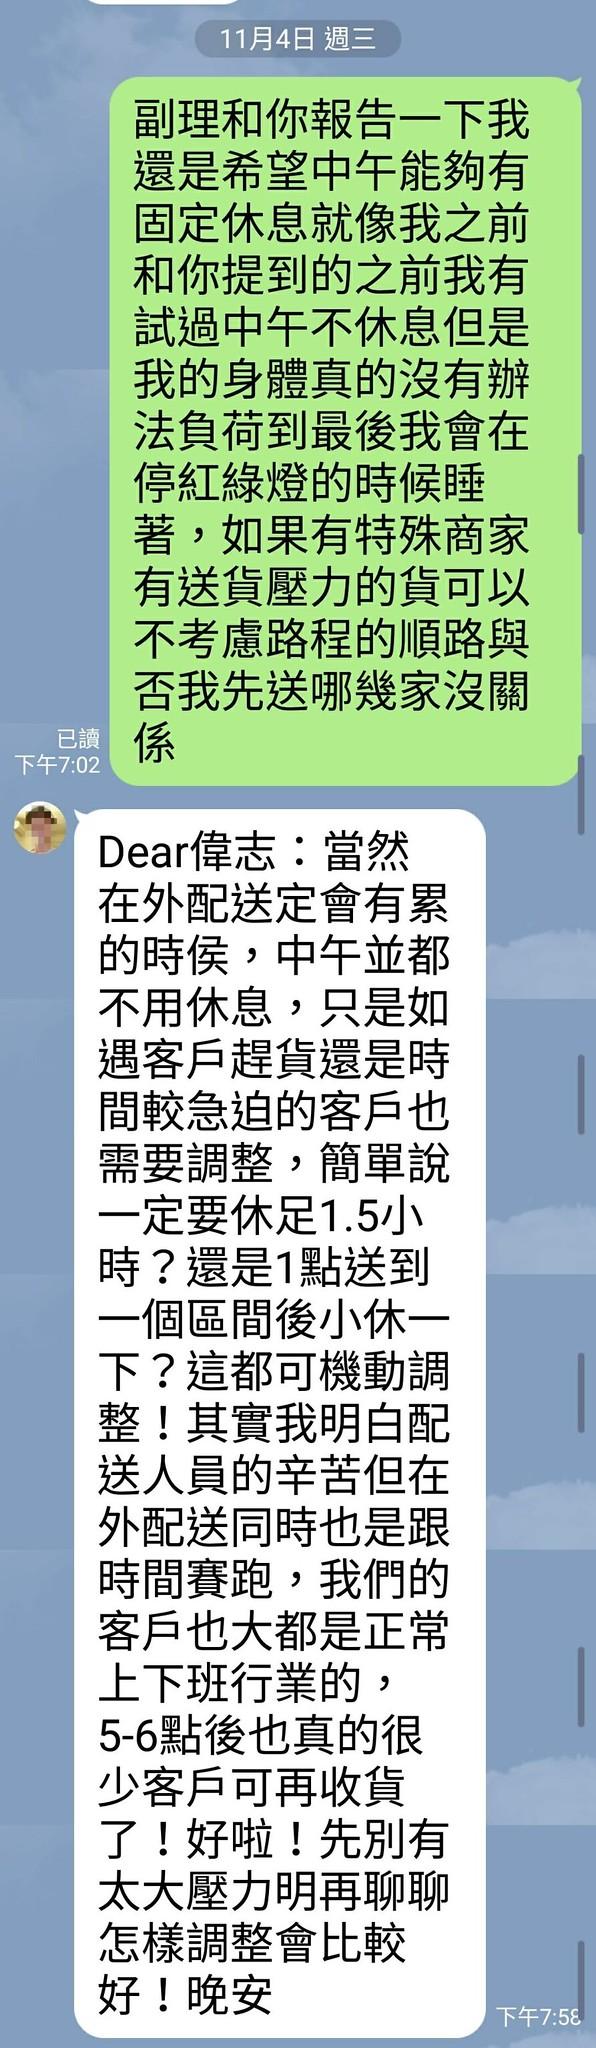 廖偉志和副理的對話截圖,表示希望可以中午休息,但他不久後就被解雇。(讀者提供)